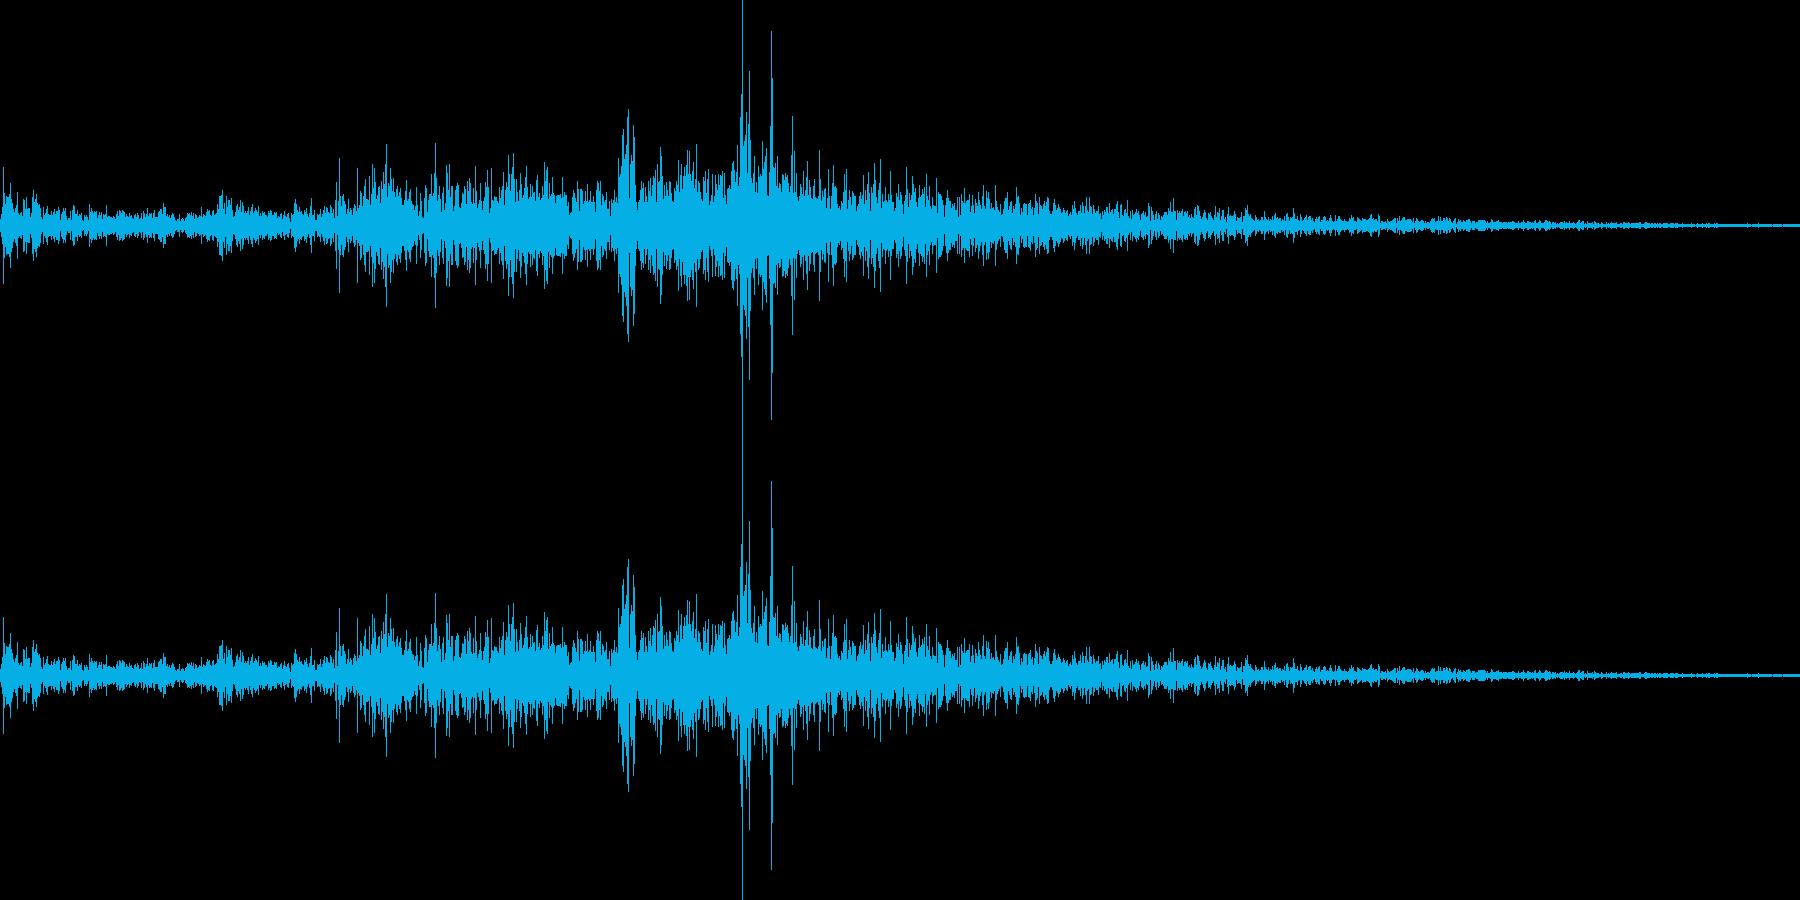 ビシャッ!(元気よく打ち水をする音)の再生済みの波形